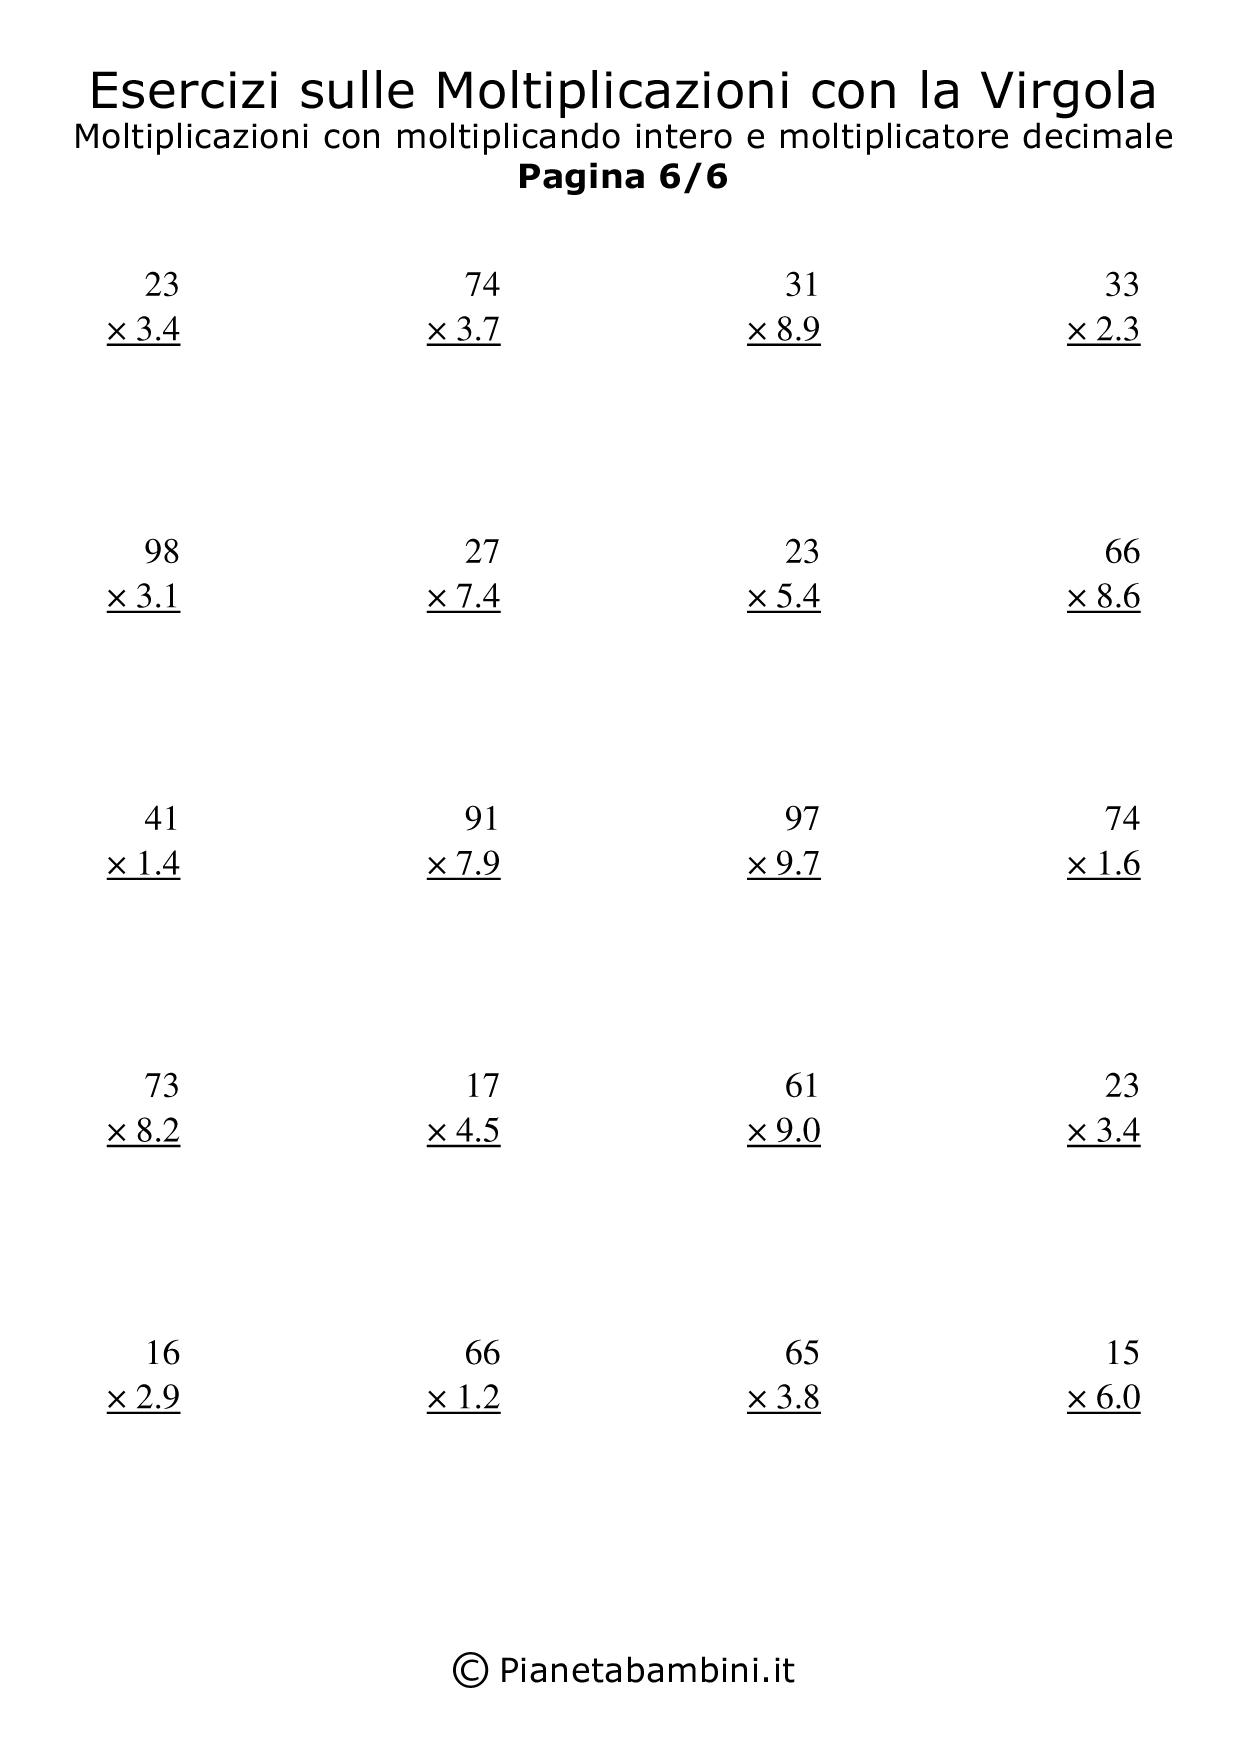 Moltiplicazioni-Virgola-Intero-X-Decimale_6